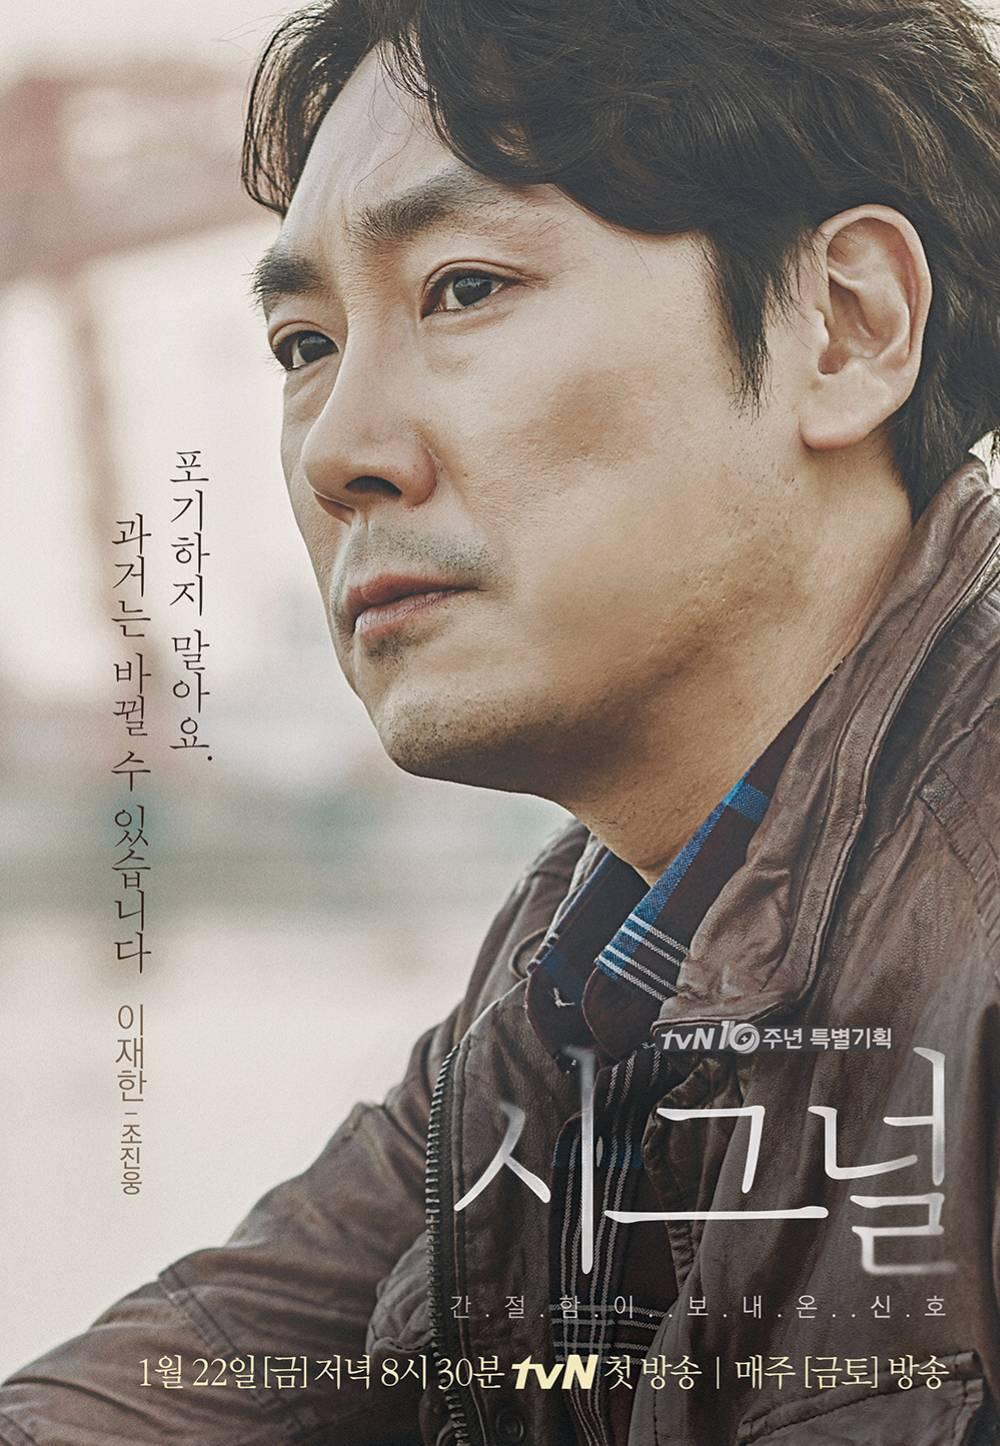 讓人差點忘了趙震雄就是之前演《Signal》中李材韓刑警的演員阿(笑)